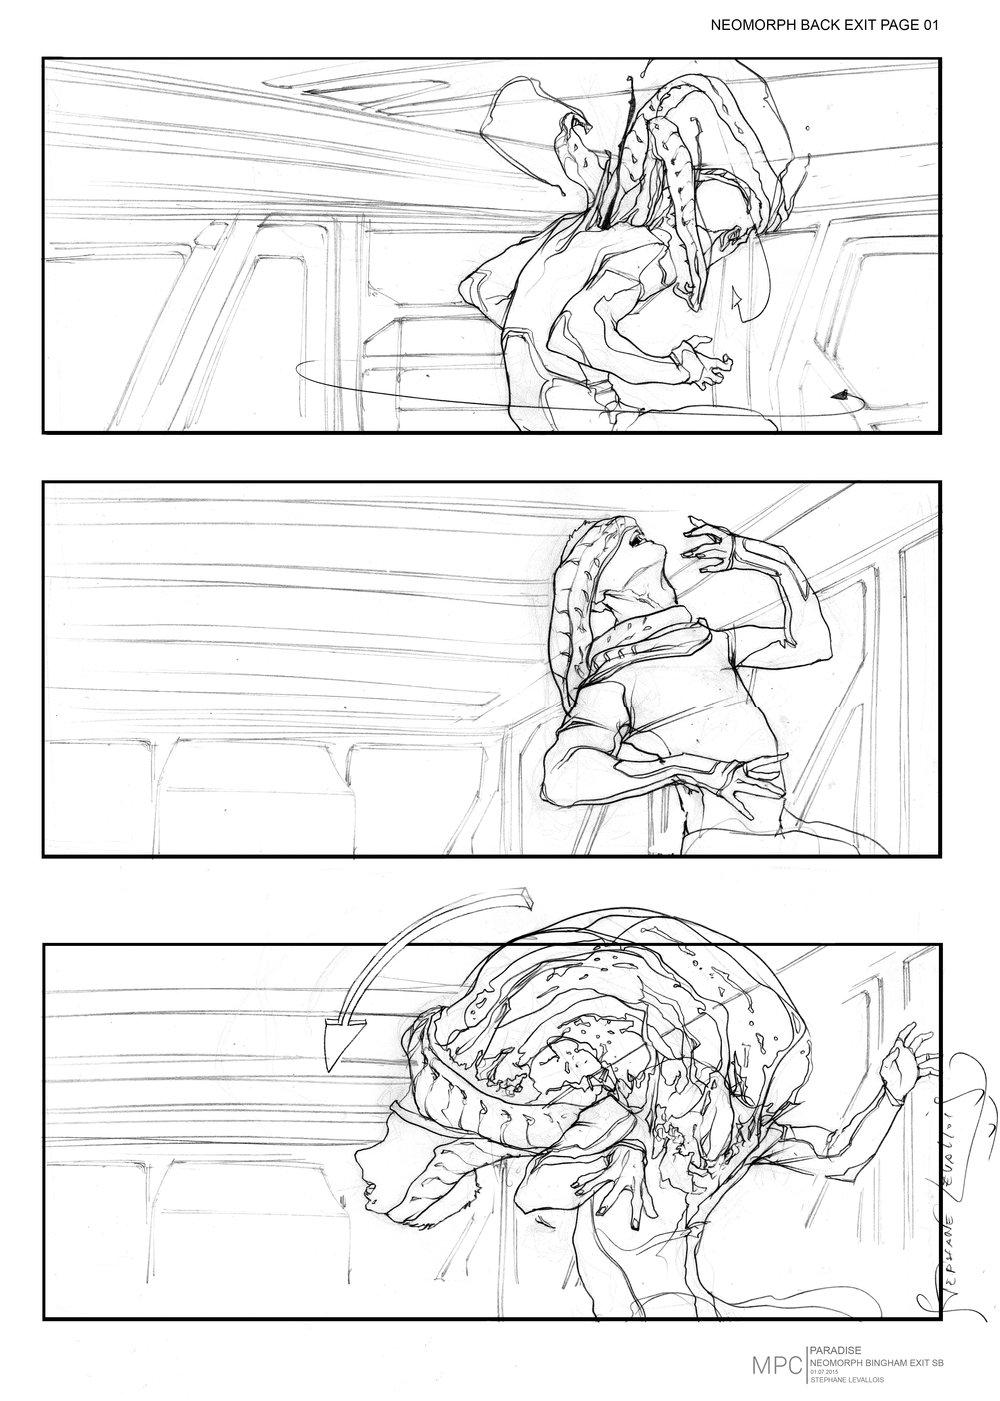 PAR_Neomorph_storyboard_SL02.page01.jpg